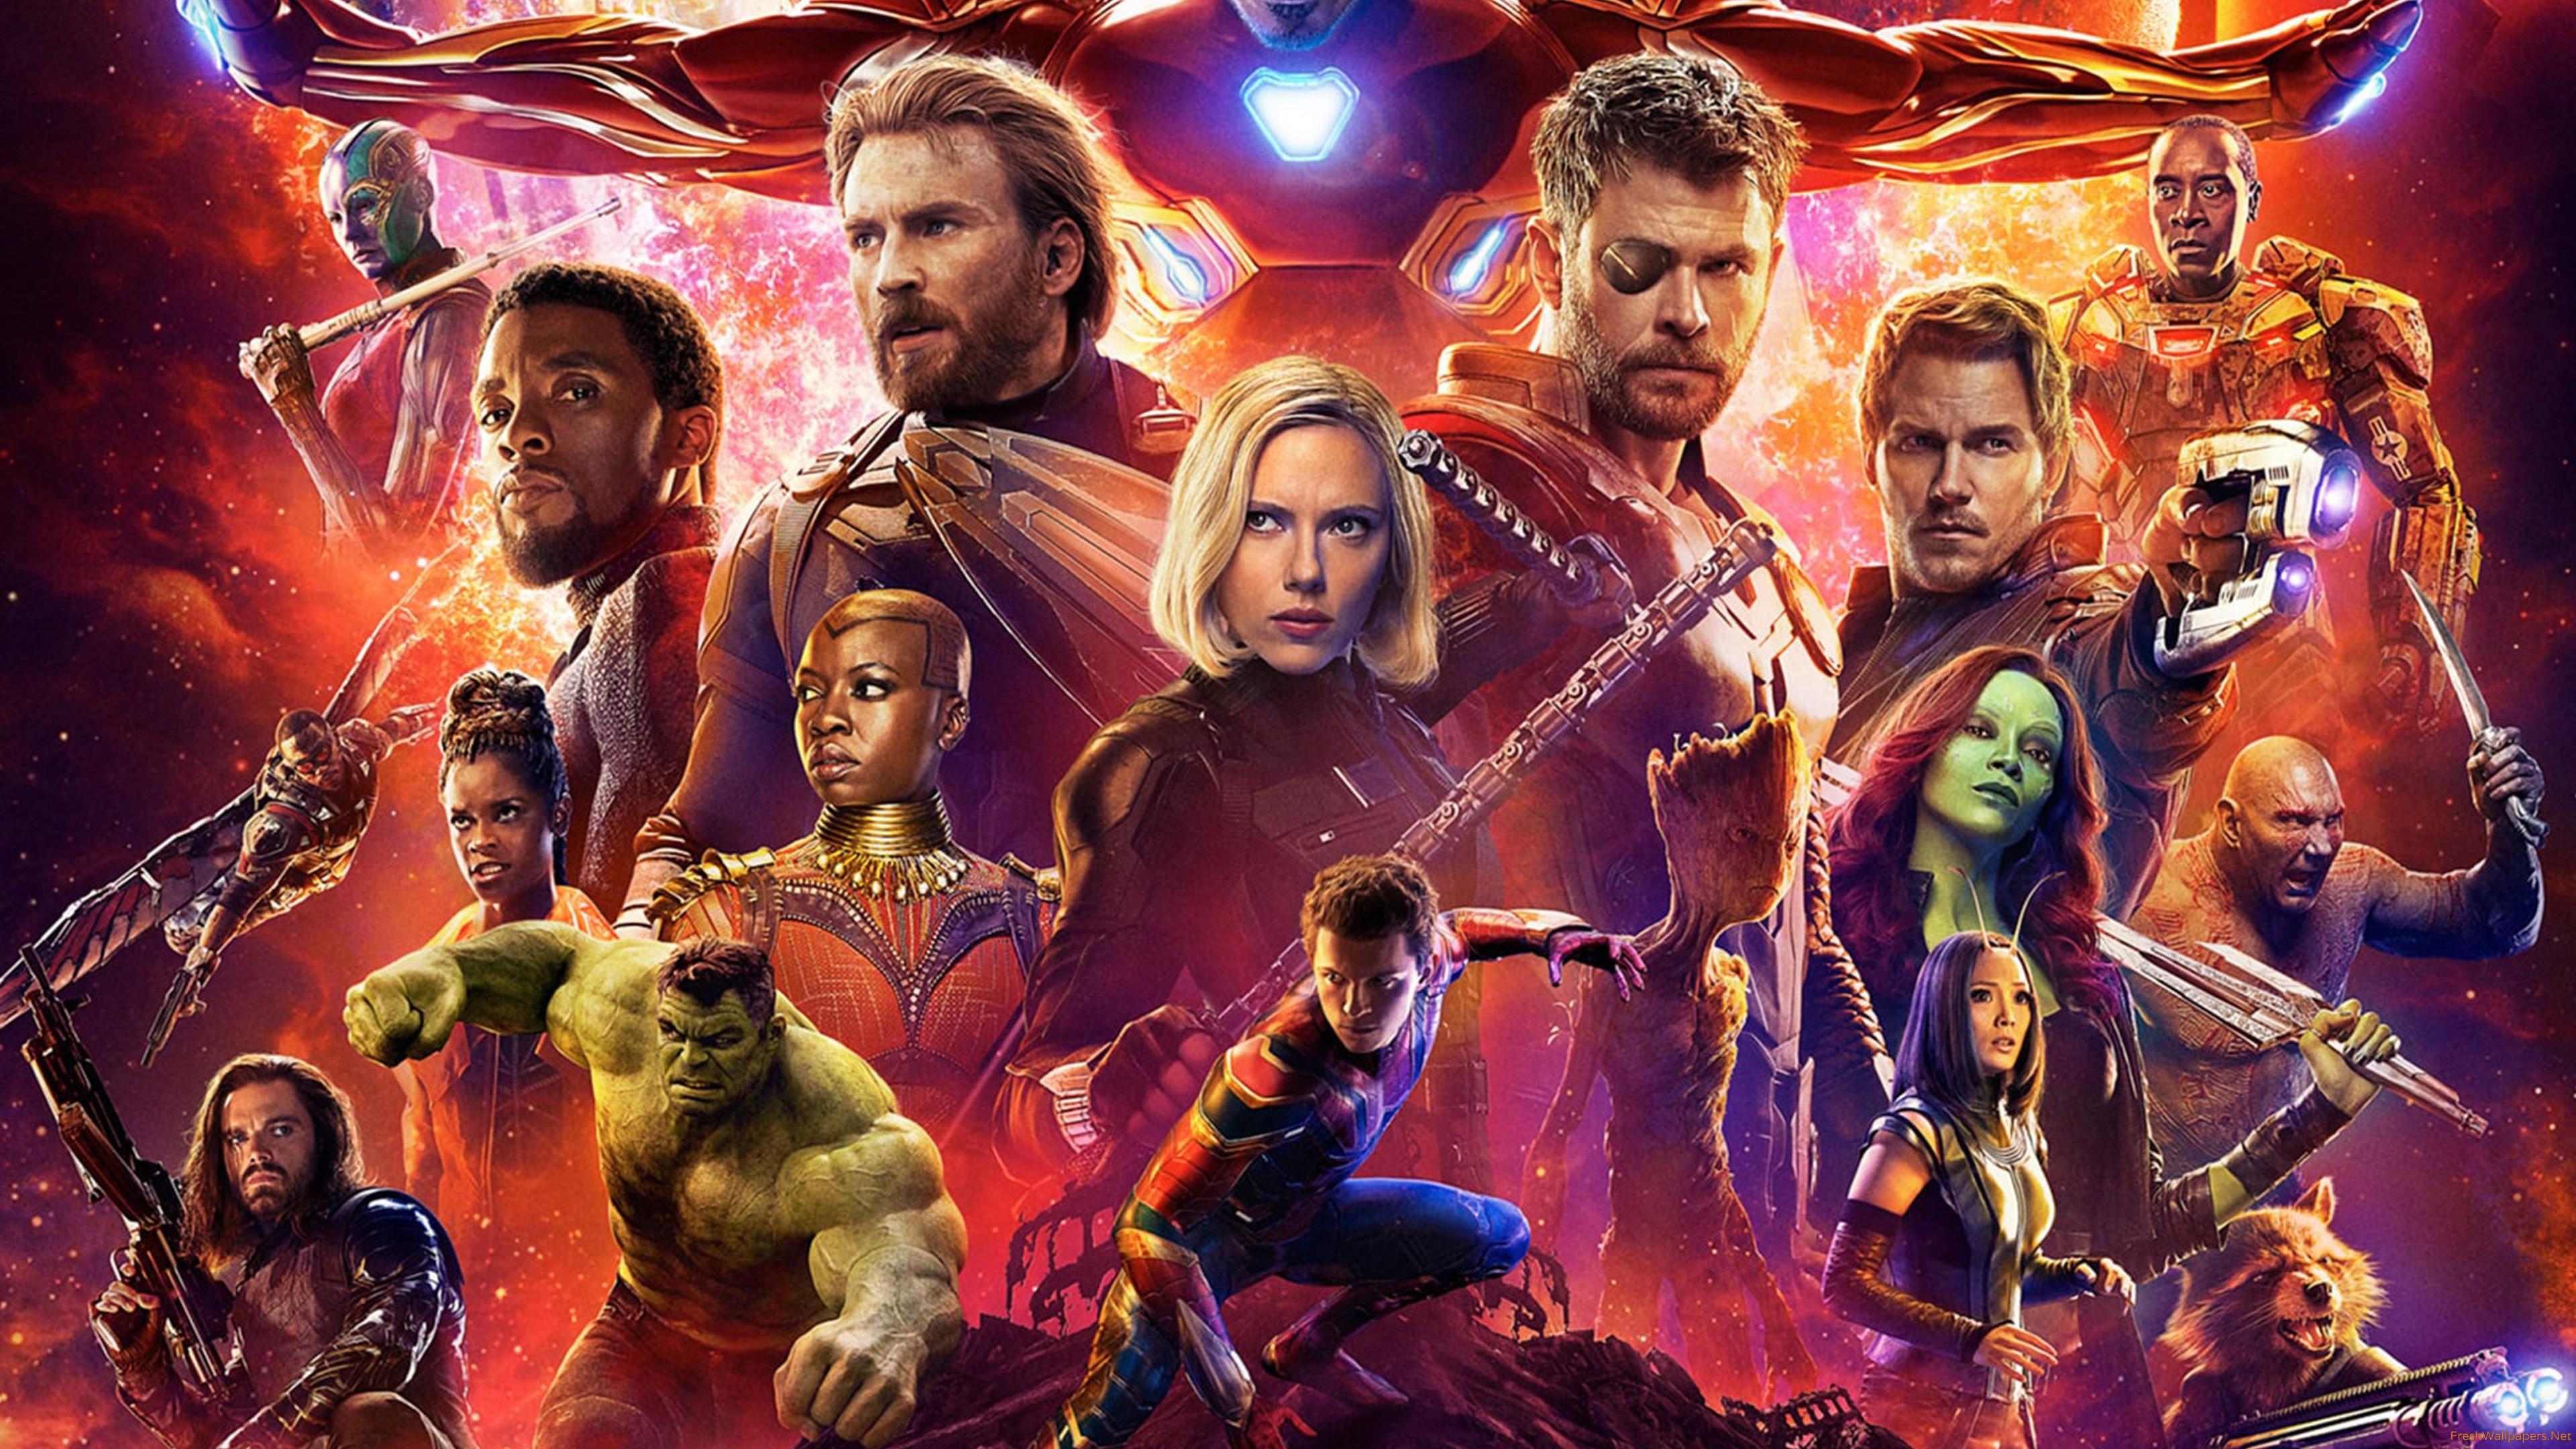 Avengers Infinity War 2018 Poster 4k